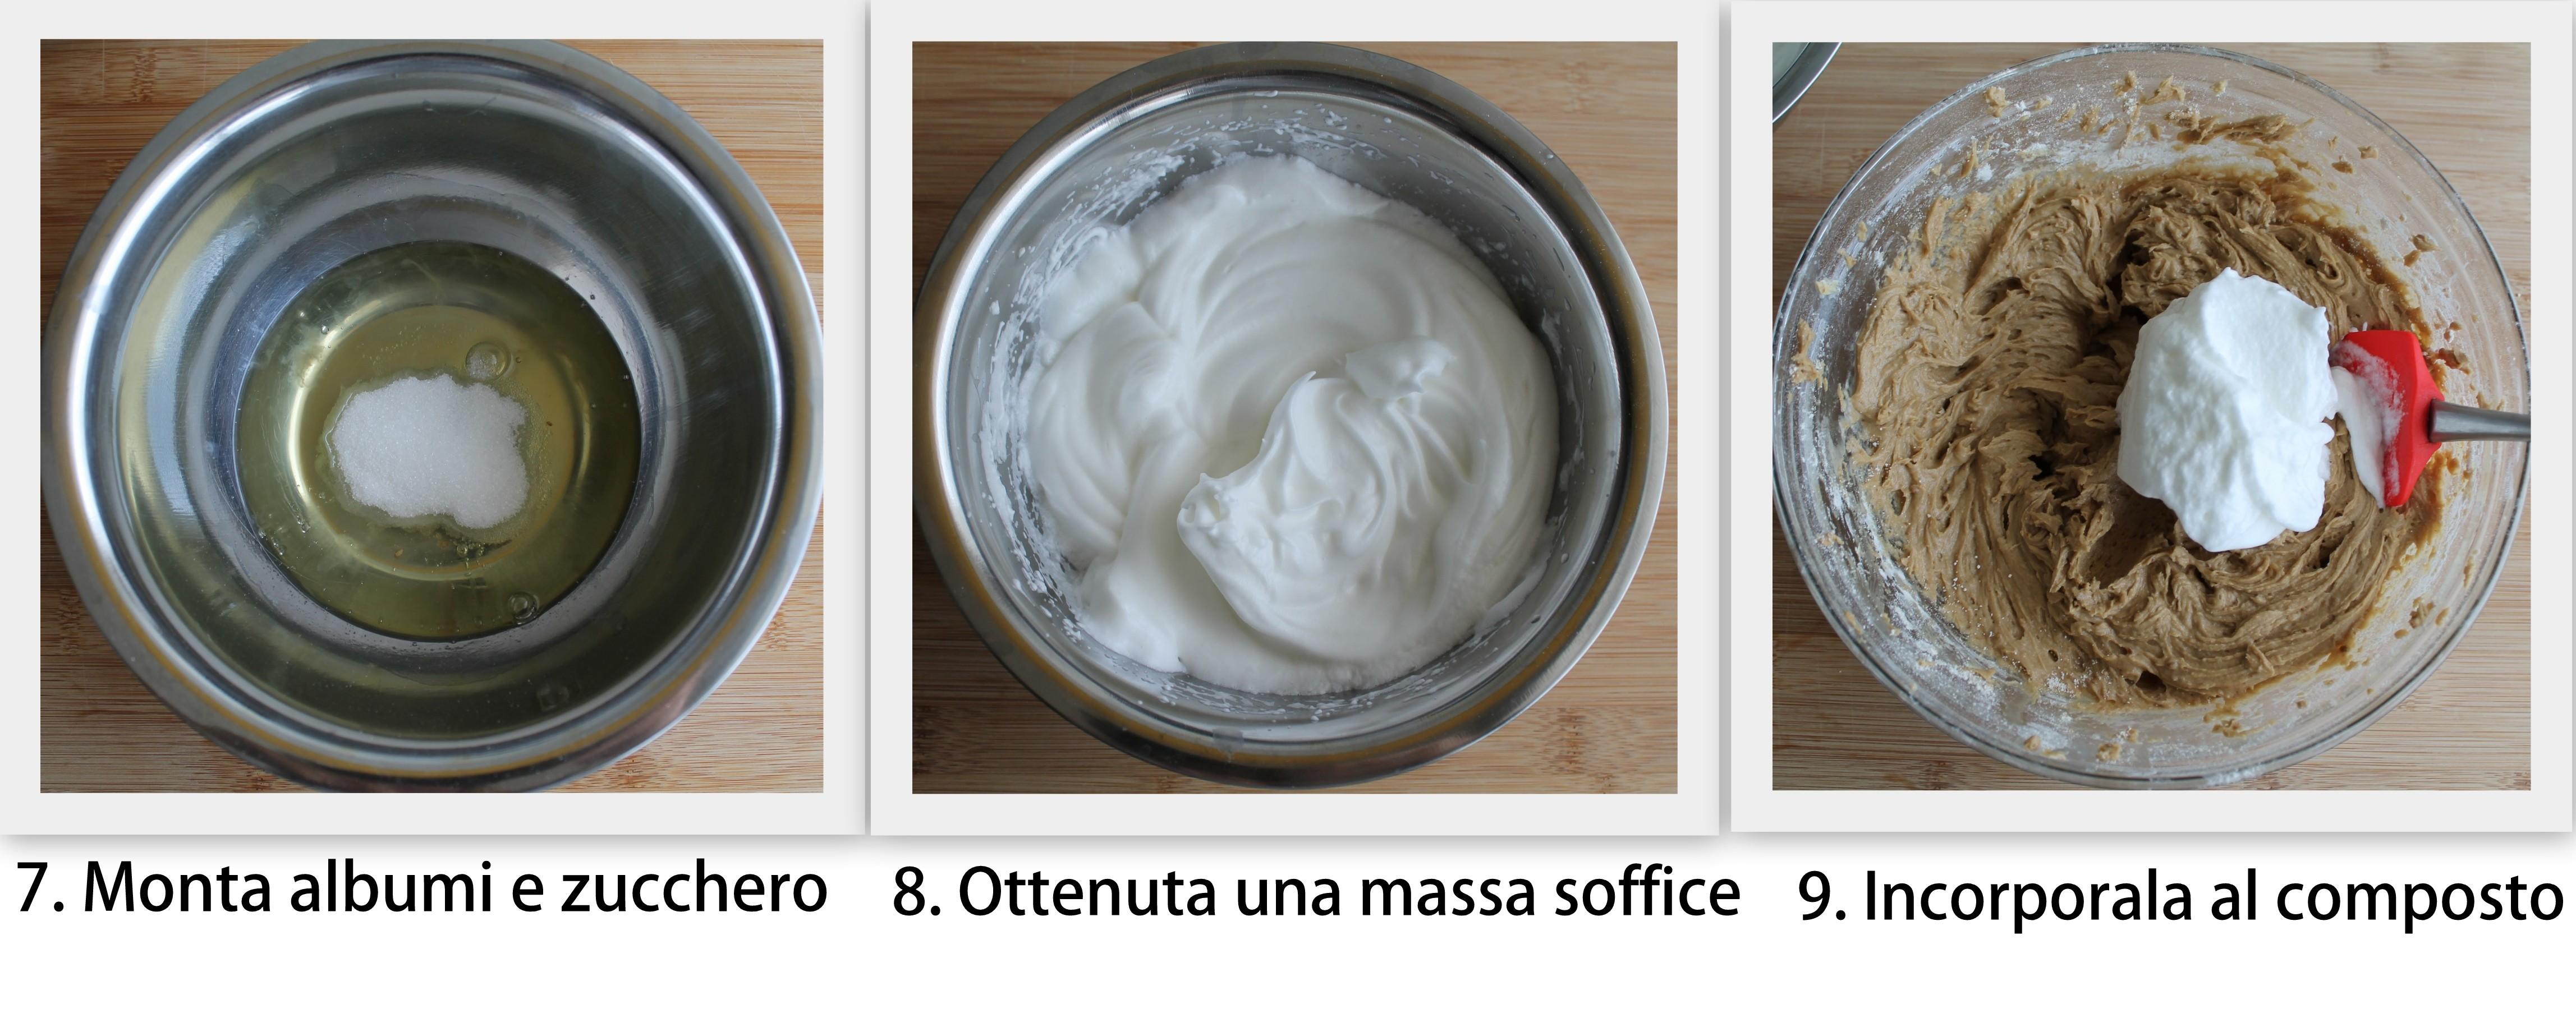 Torta alla farina di castagne senza glutine - Gluten Free Travel and Living